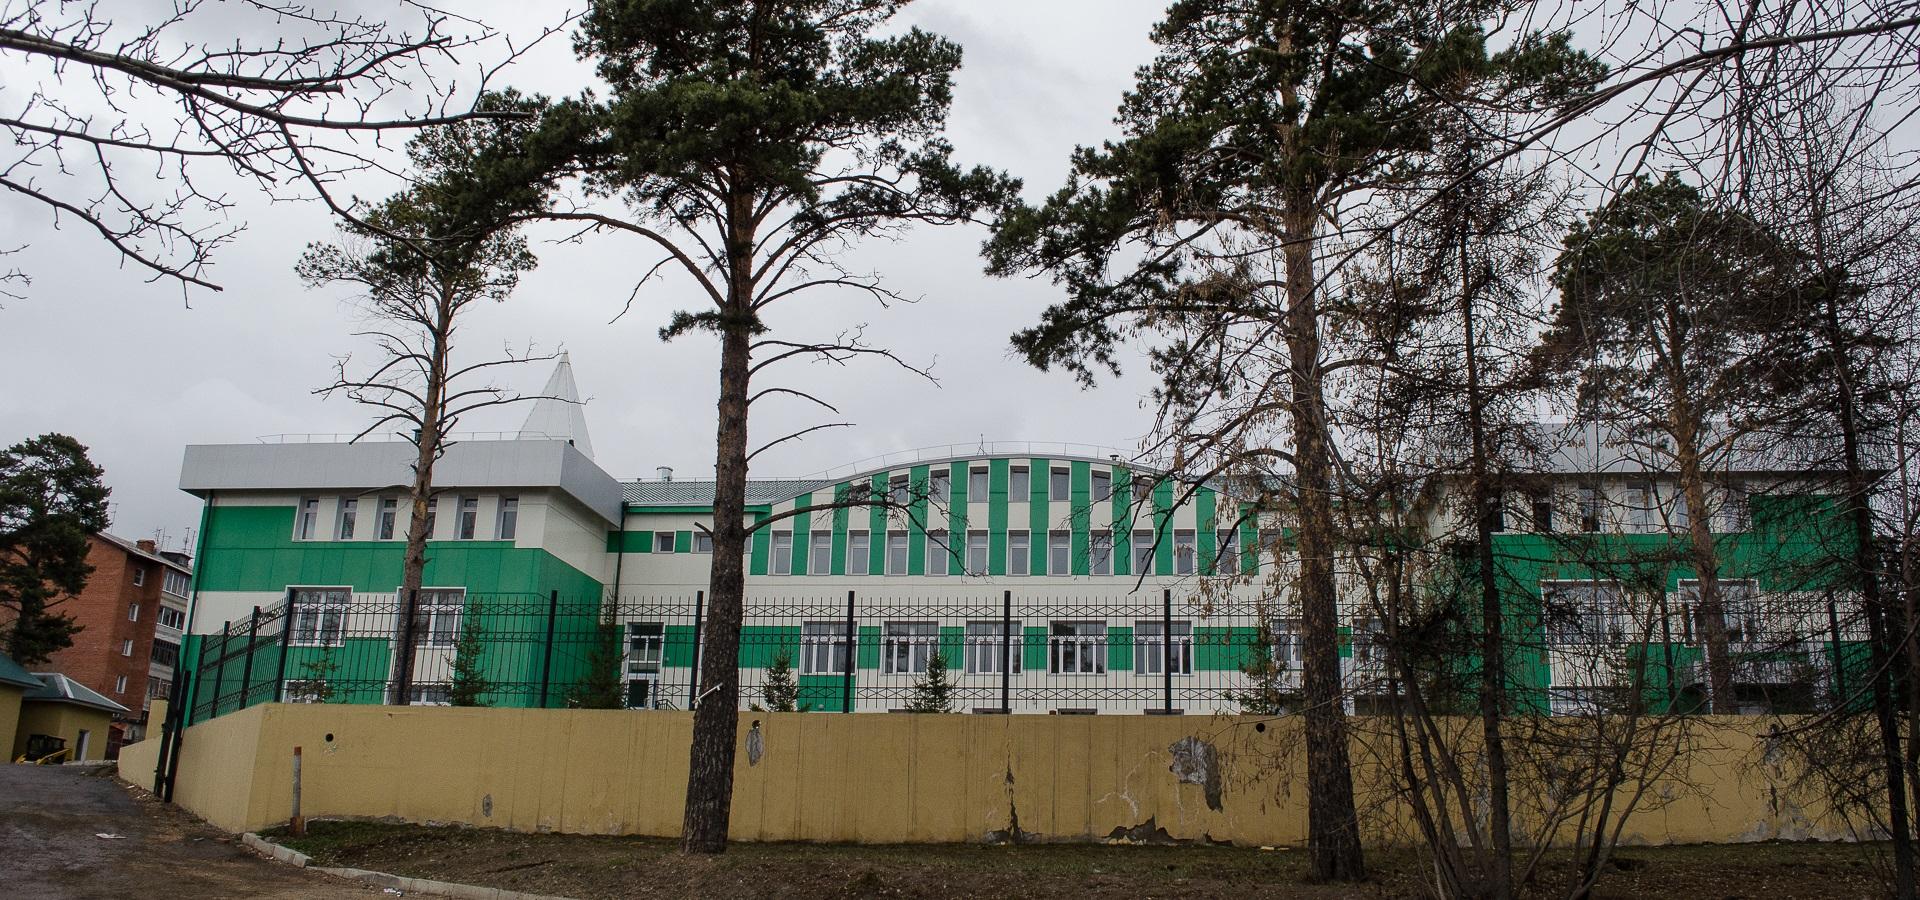 Санаторий «Подснежник». Фото ИА «Иркутск онлайн»